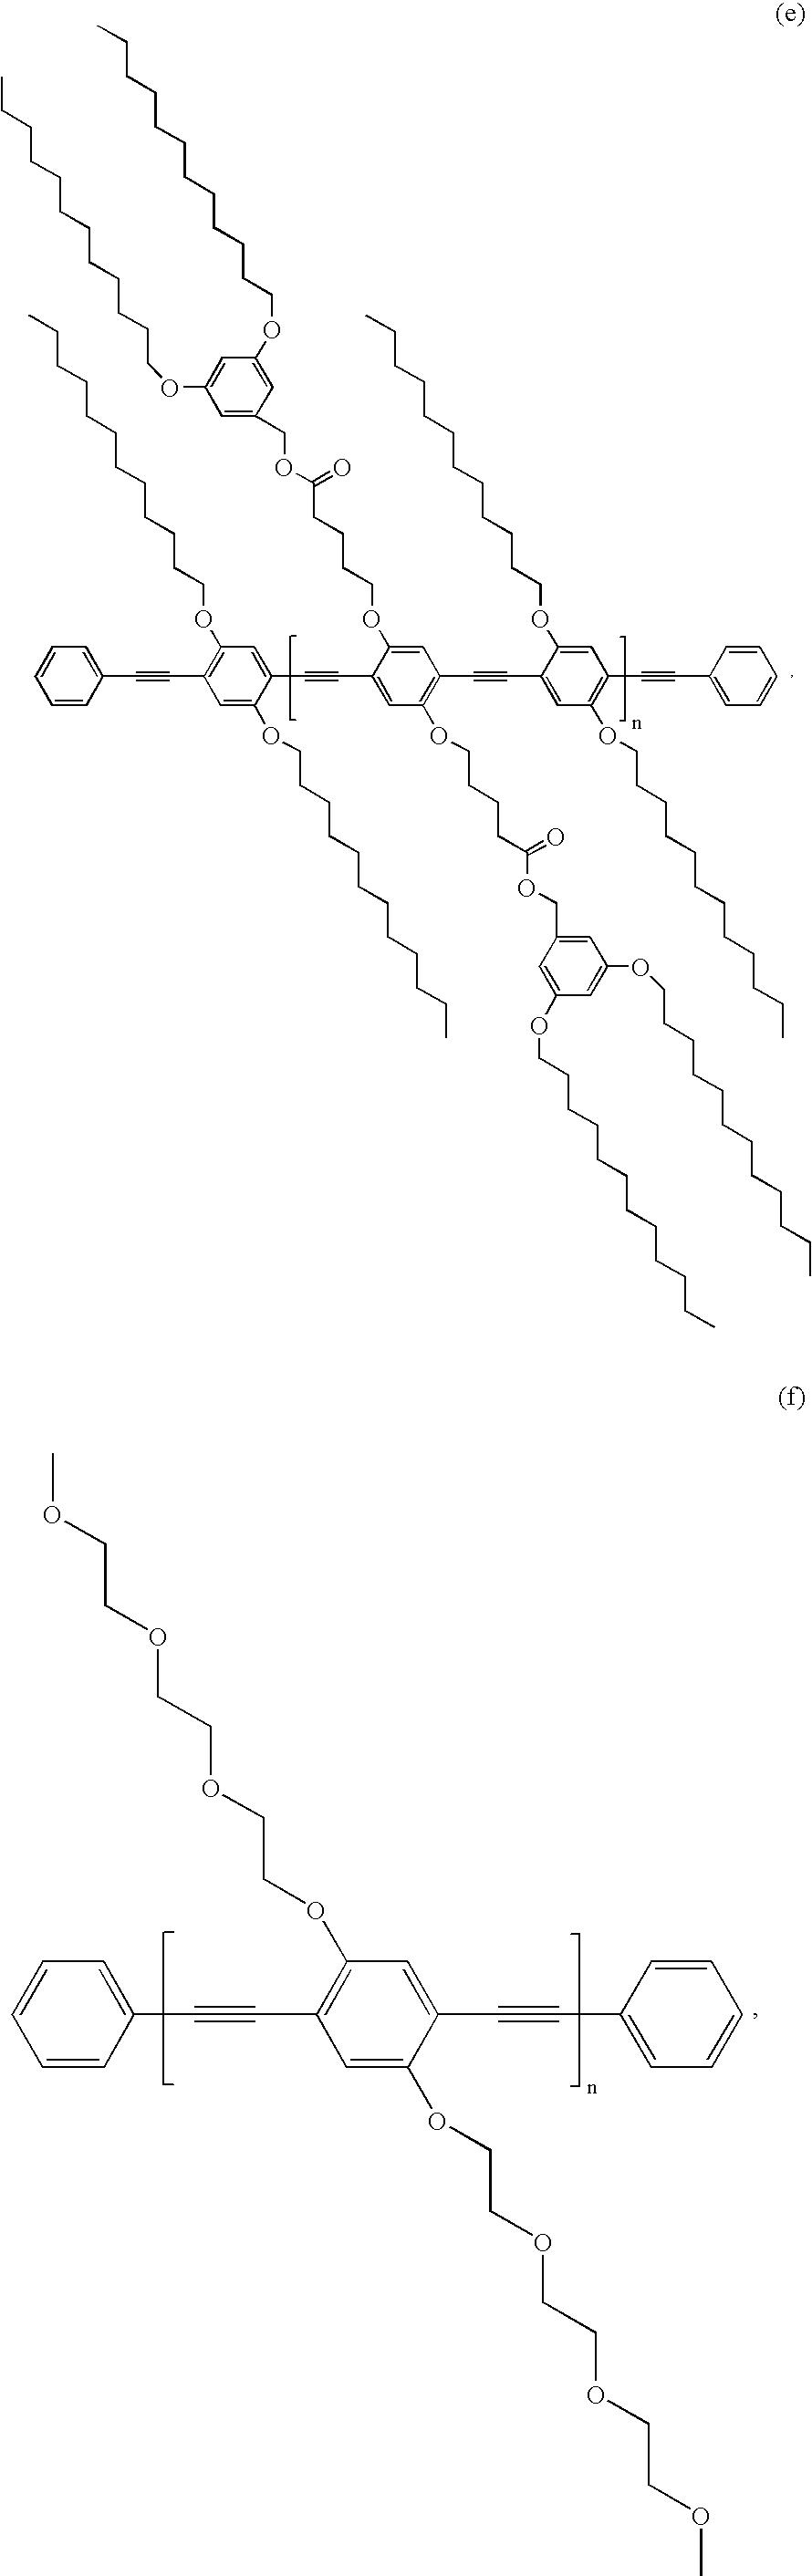 Figure US07479516-20090120-C00055